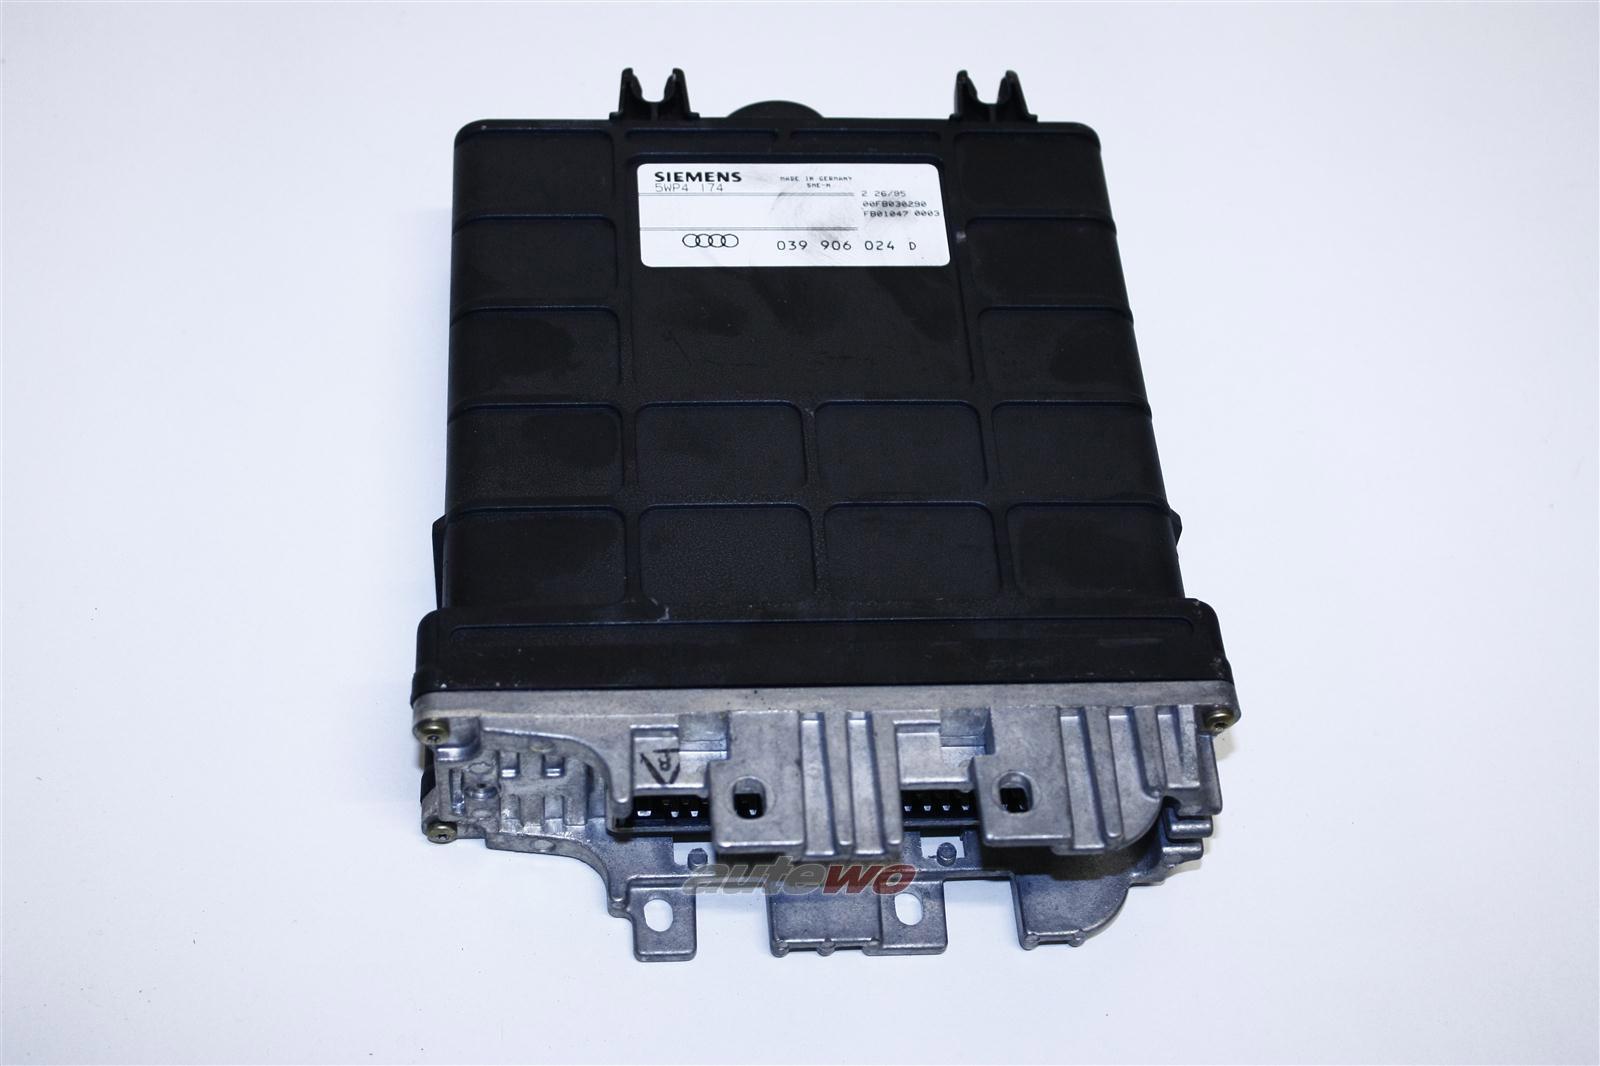 Audi 80 B4/100/A6 C4 2.0l 115PS ABK Motorsteuergerät 039997024FX 039906024D